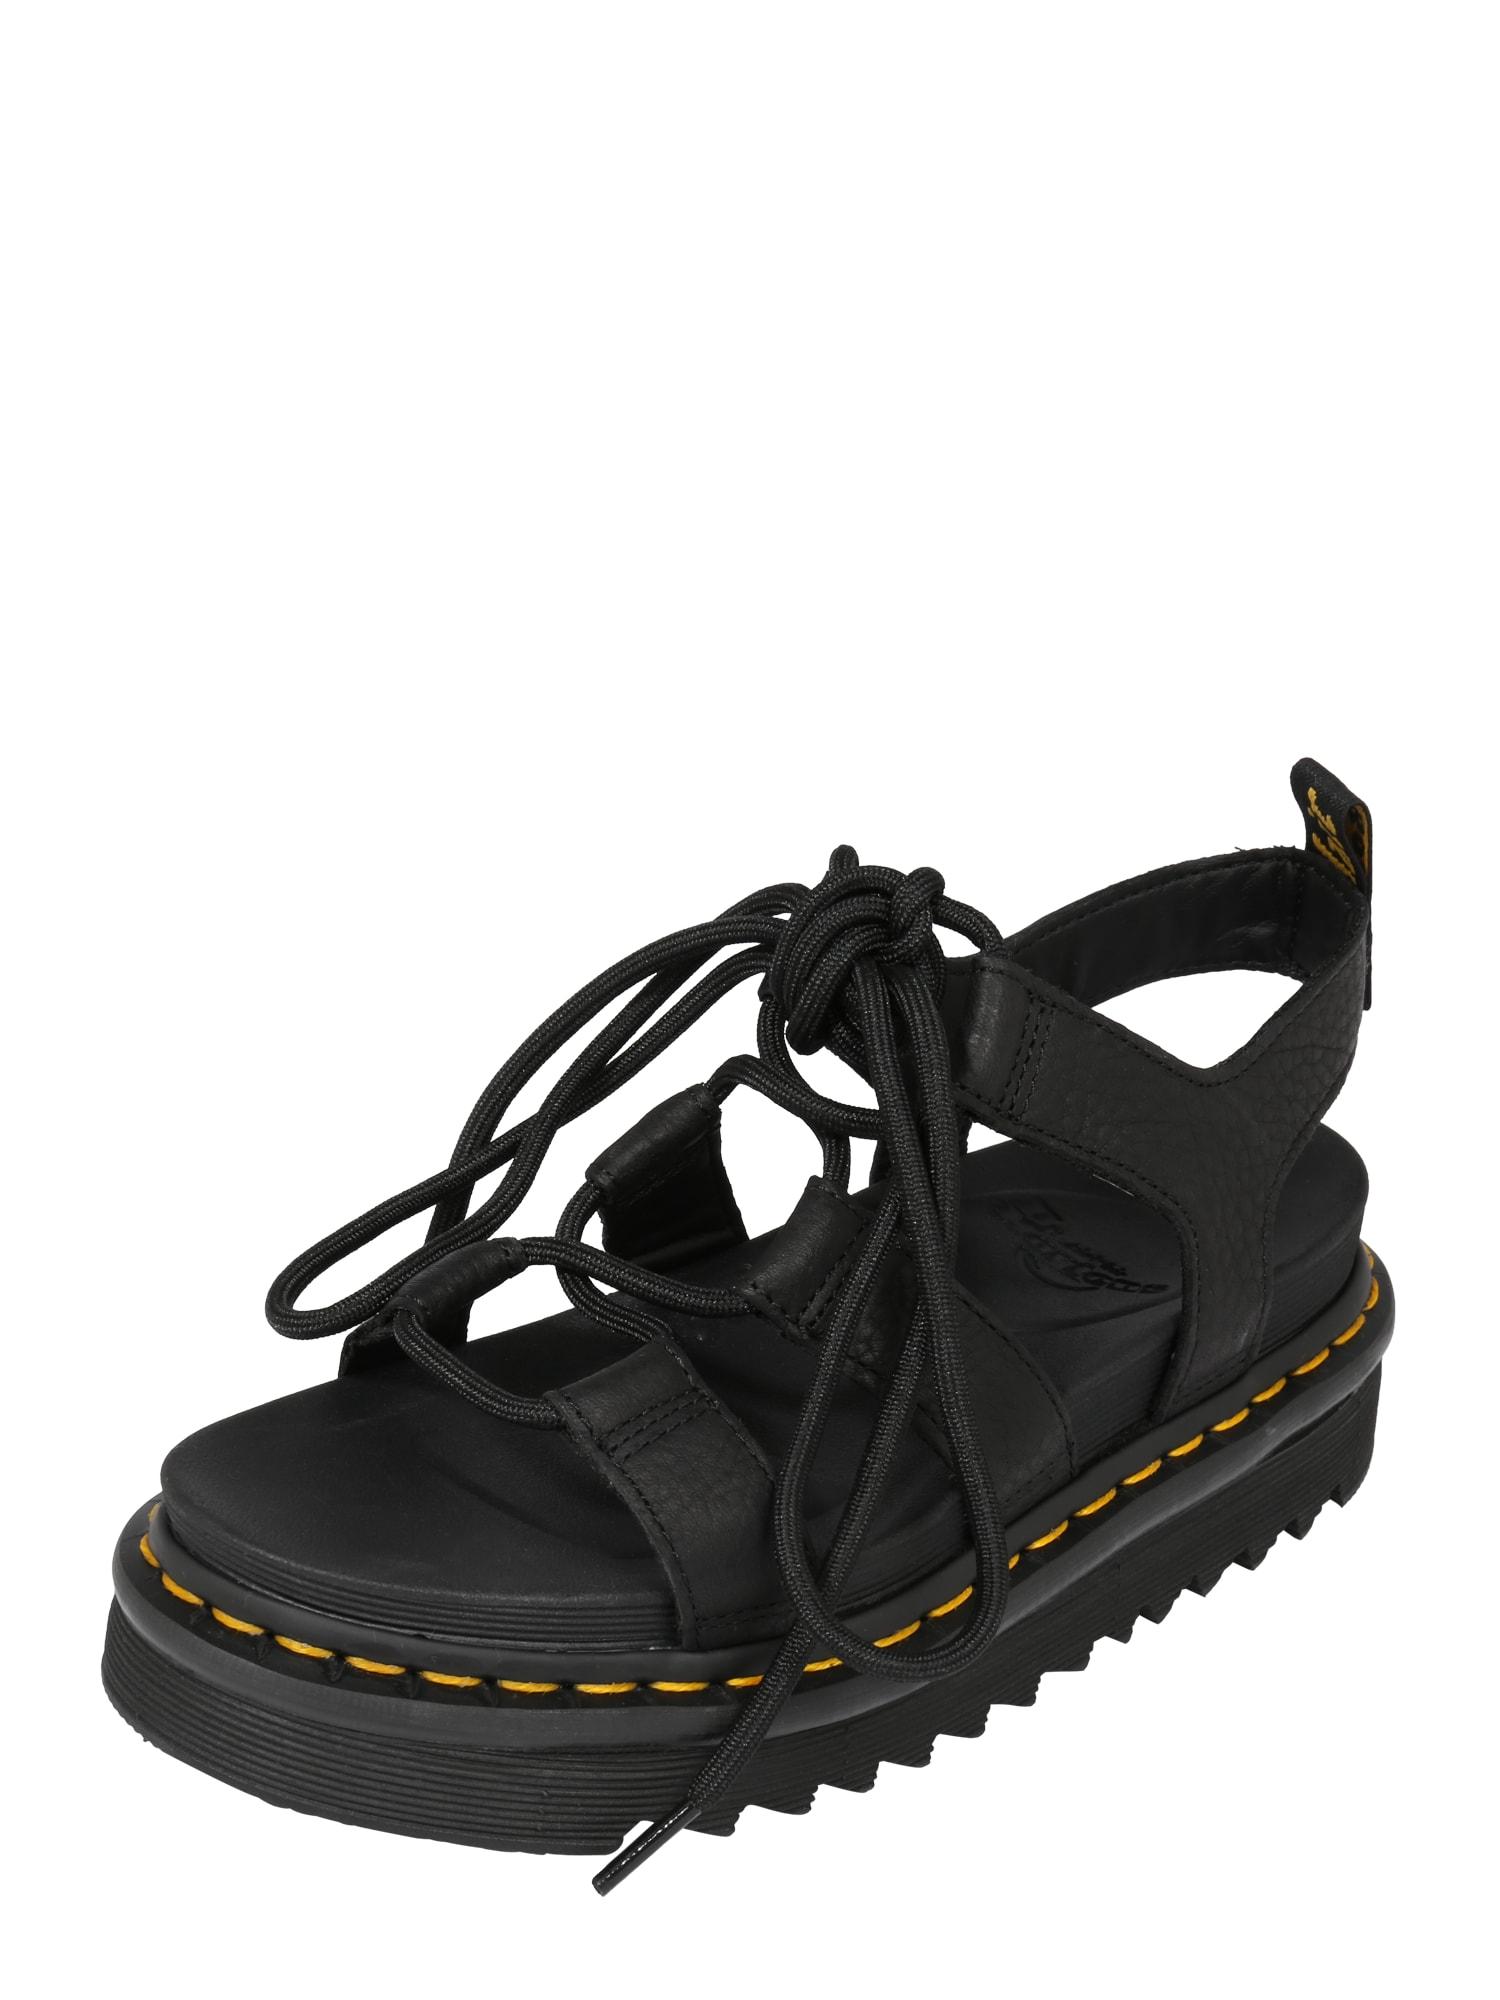 Sandály Nartilla černá Dr. Martens